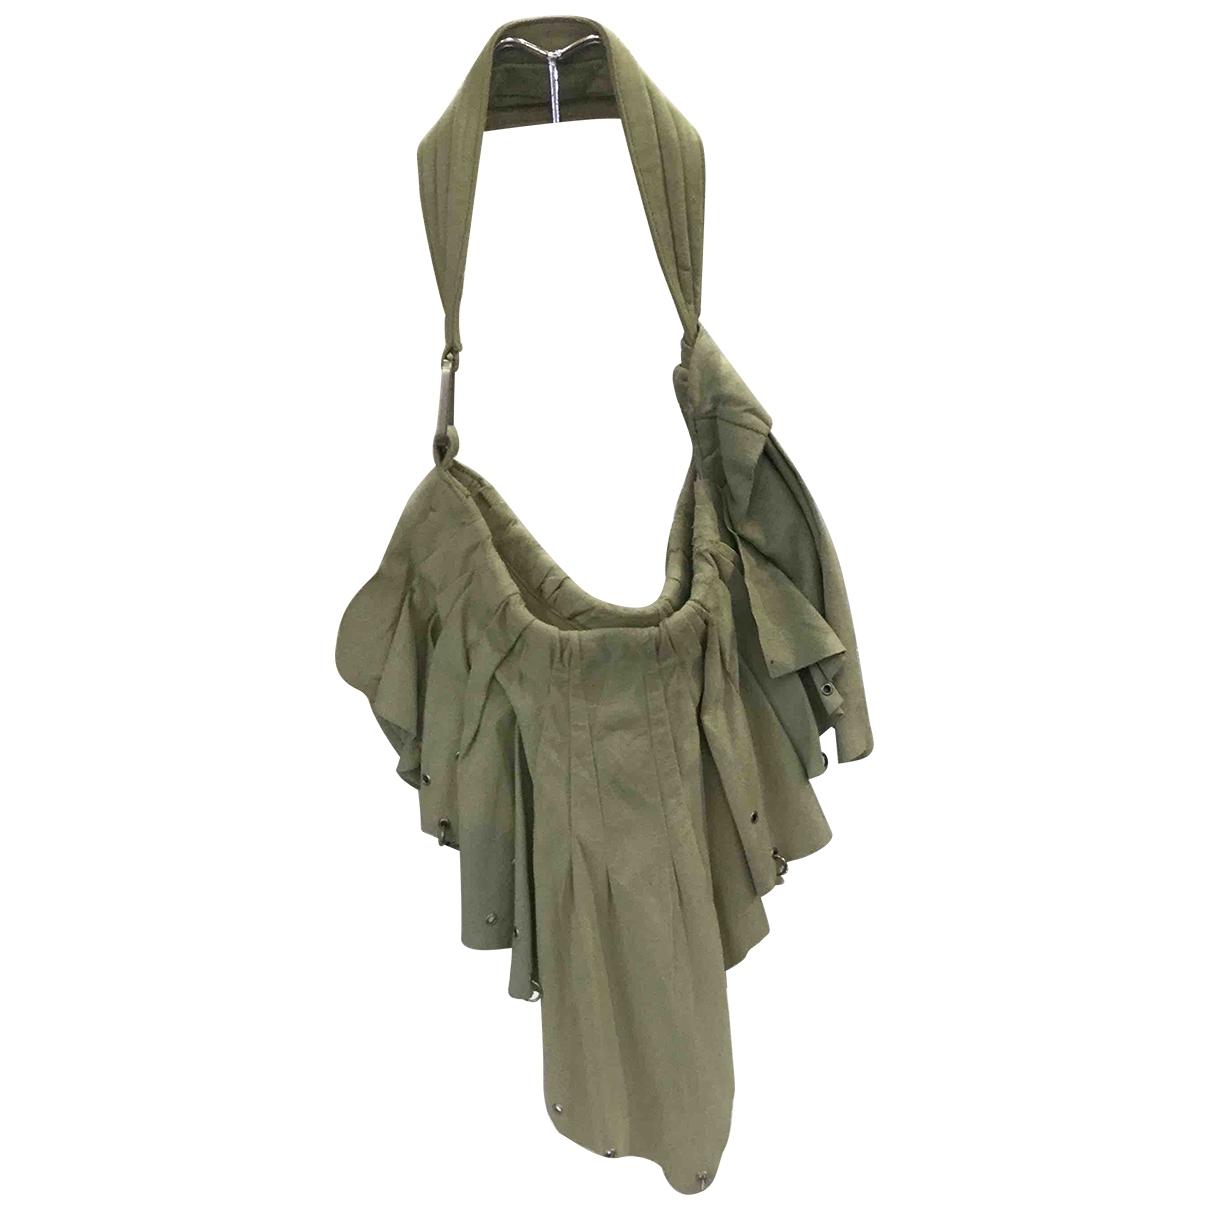 Stella Mccartney \N Beige Cloth handbag for Women \N